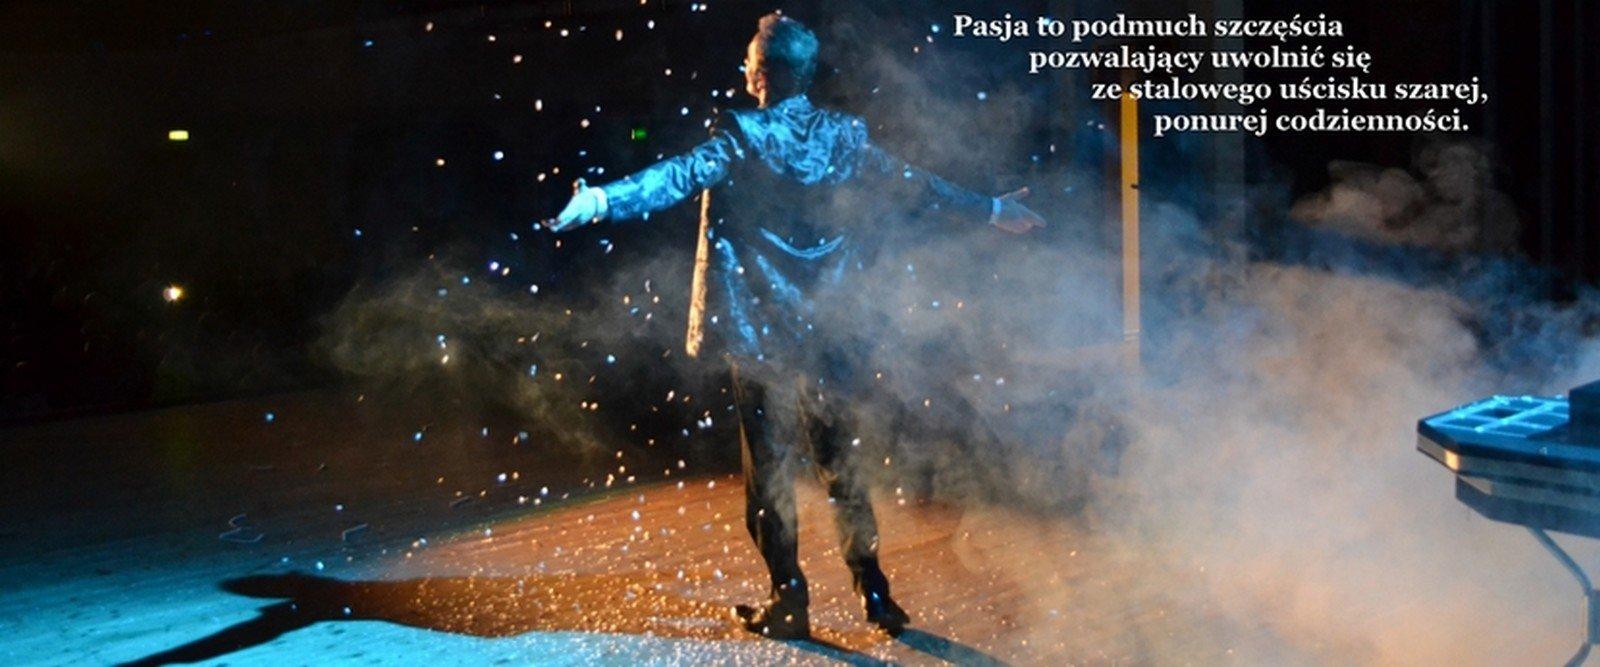 Iluzjonista Rafał Mulka - czarujemy z magiczną pasją